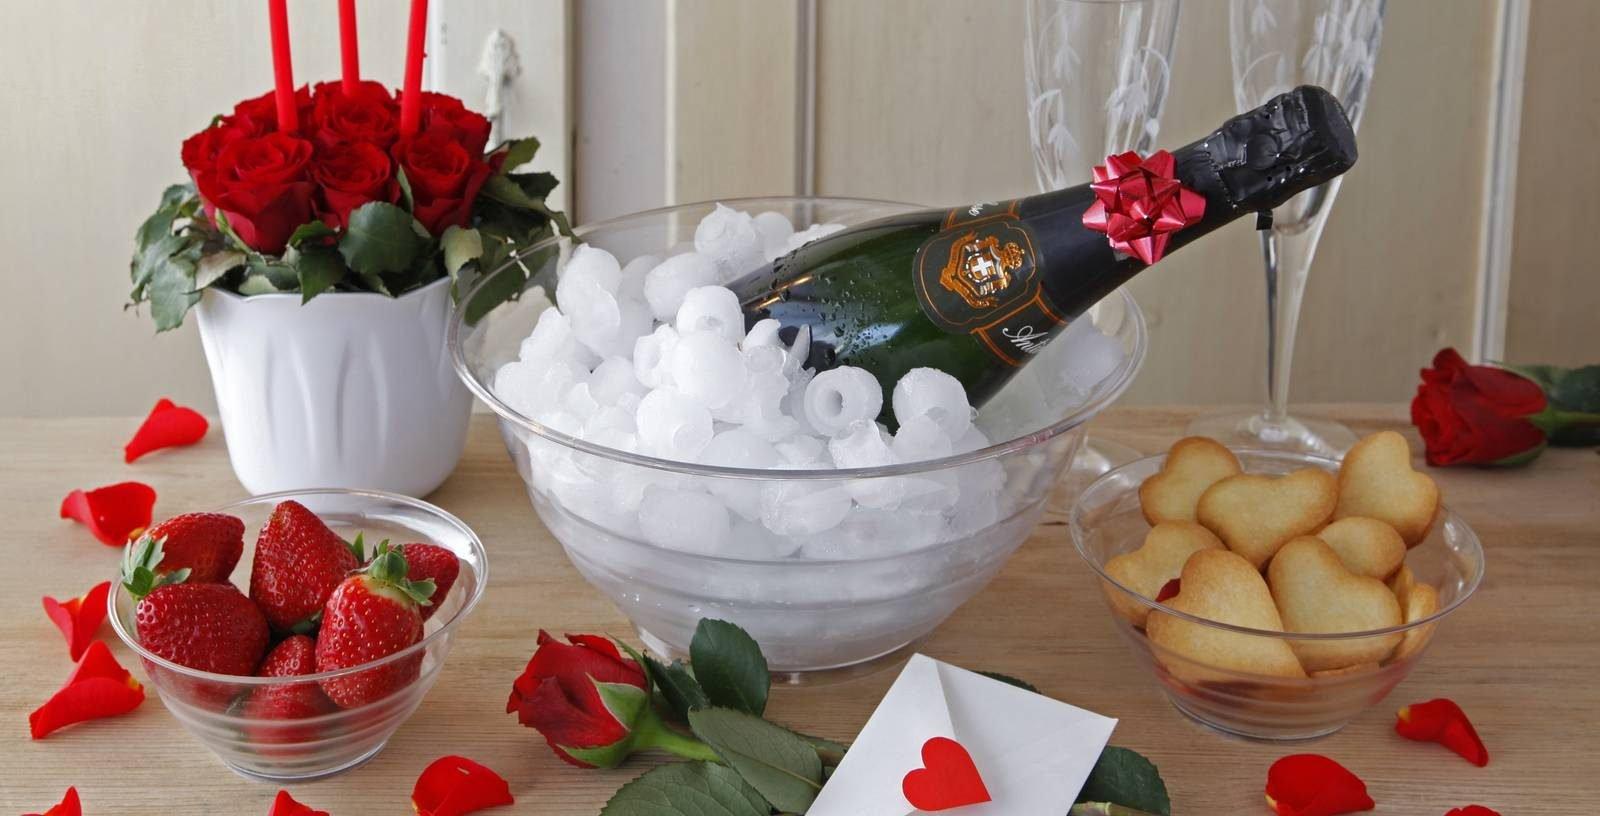 A San Valentino festeggiamo con una bella tavola - Cose di Casa